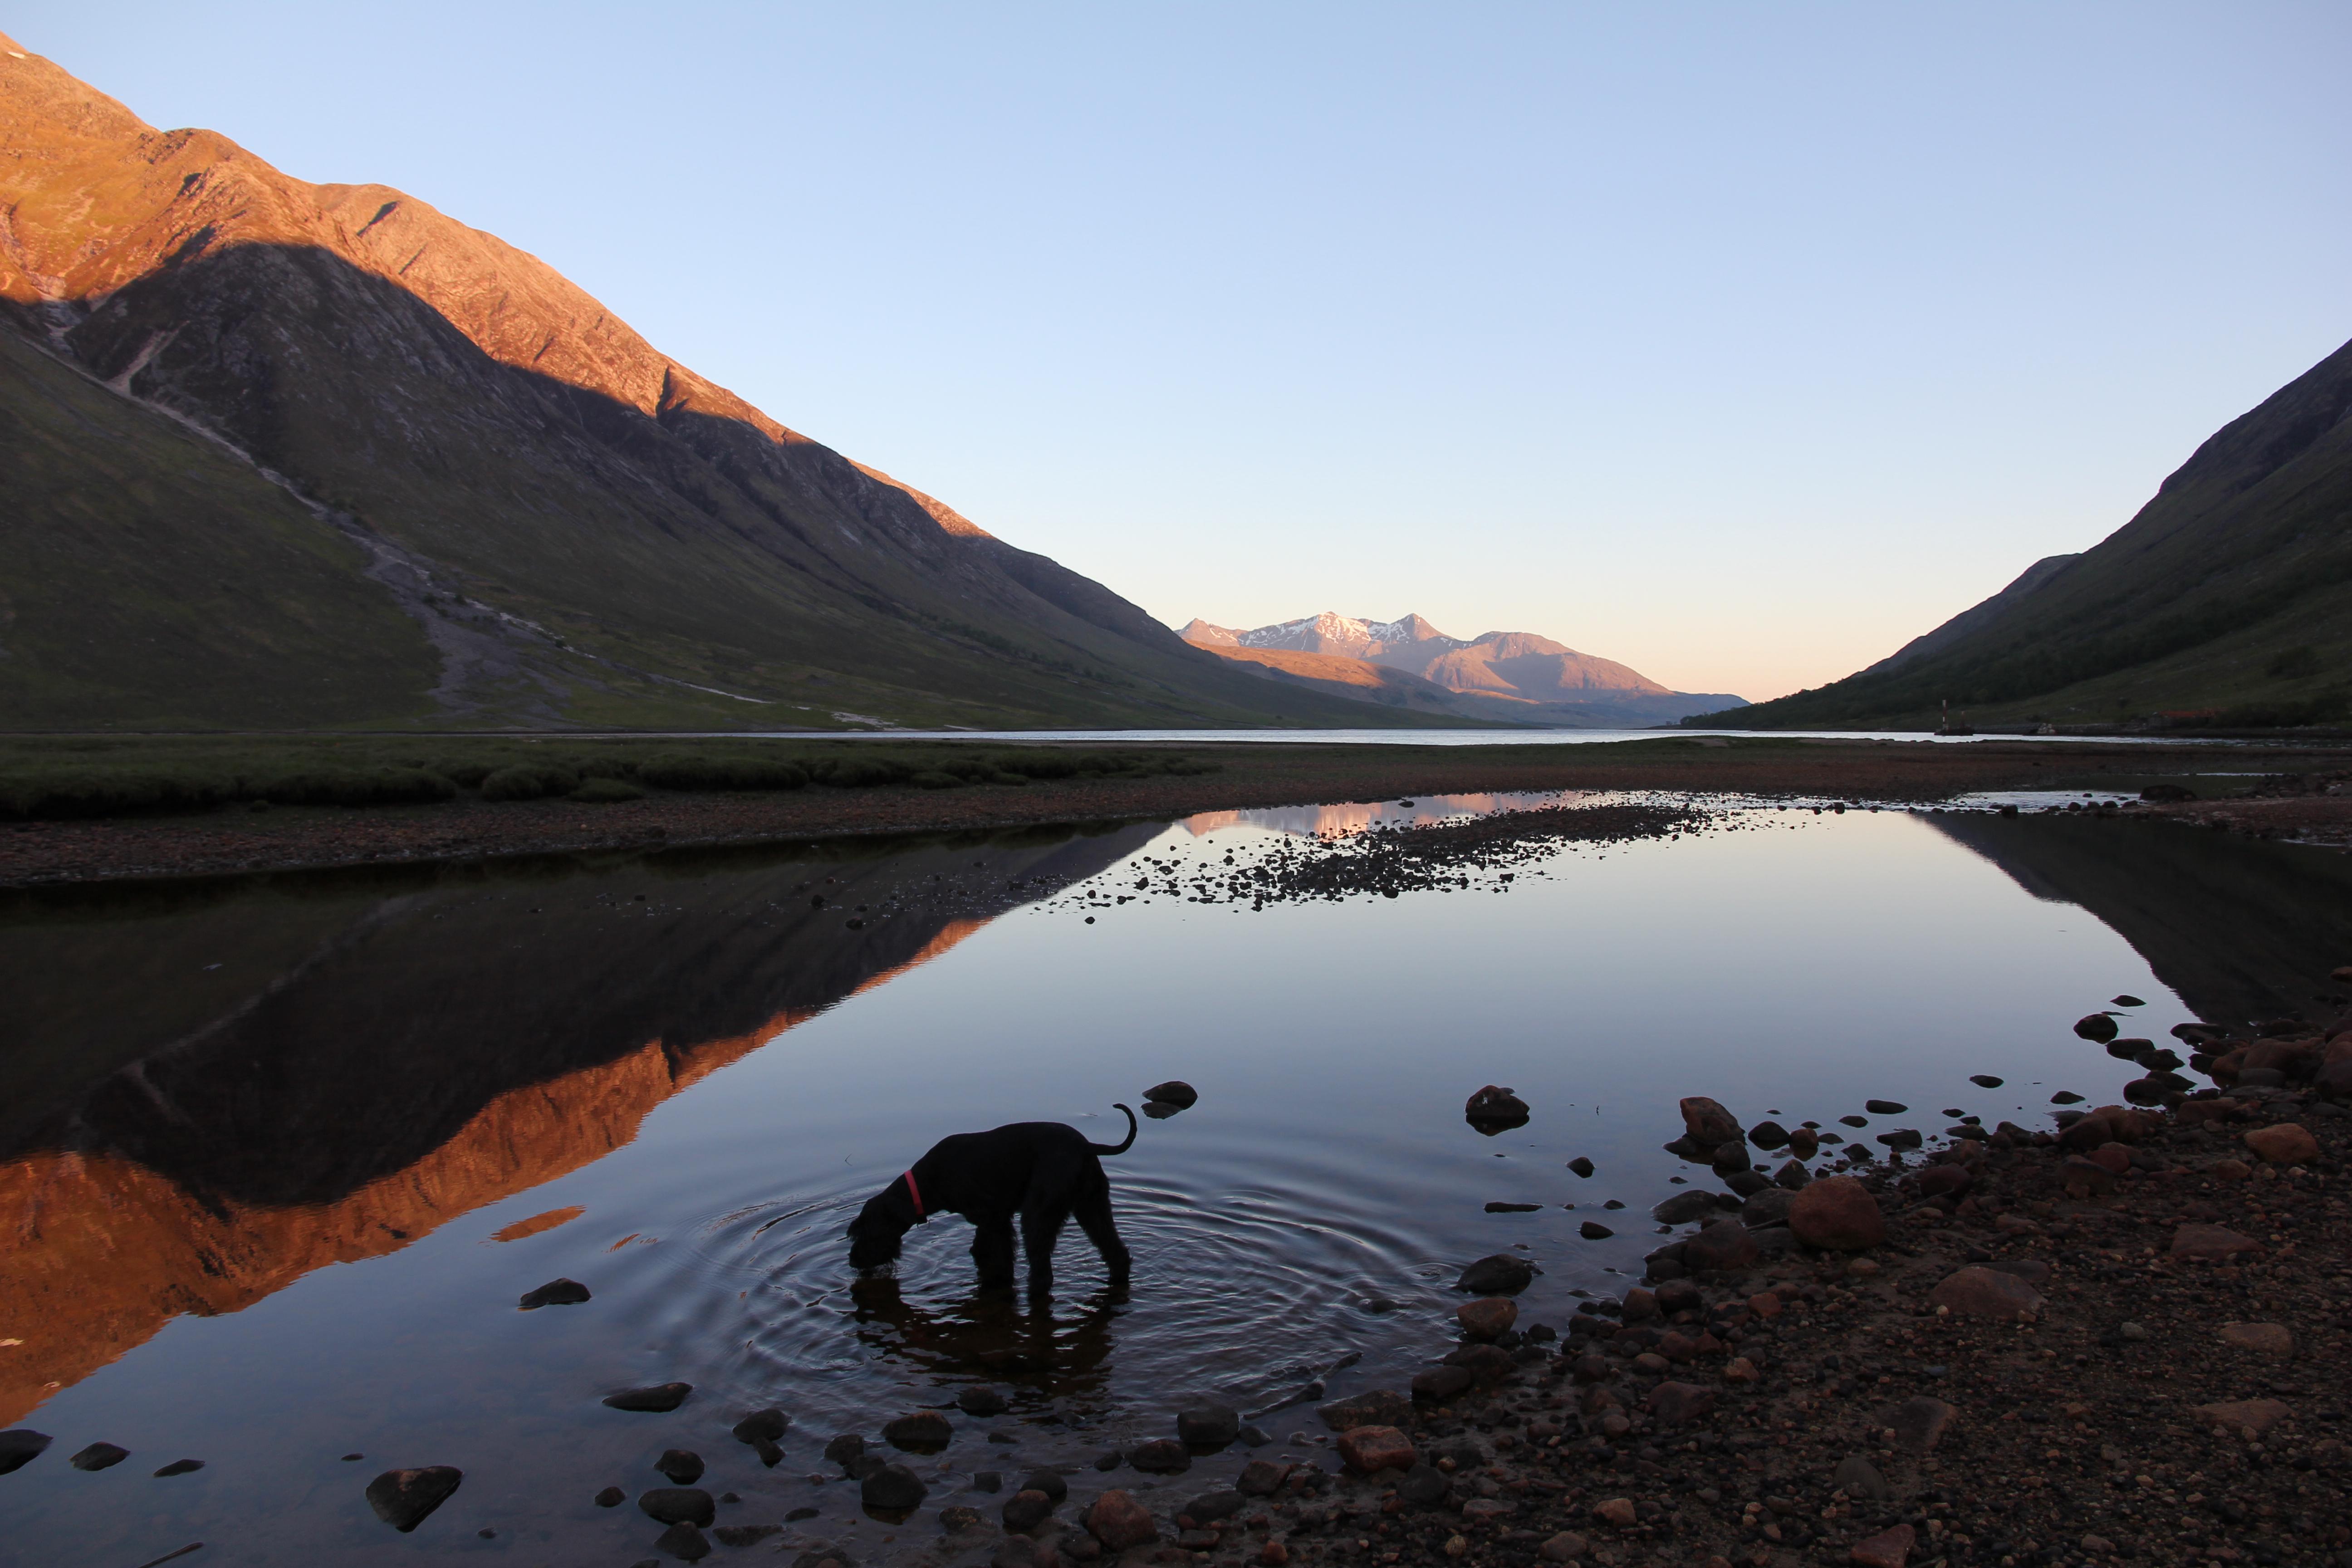 VW T5 T6 California Schottland Roadtrip 2015 Wildcamping Glen Etive Abendstimmung Hund Wasser See